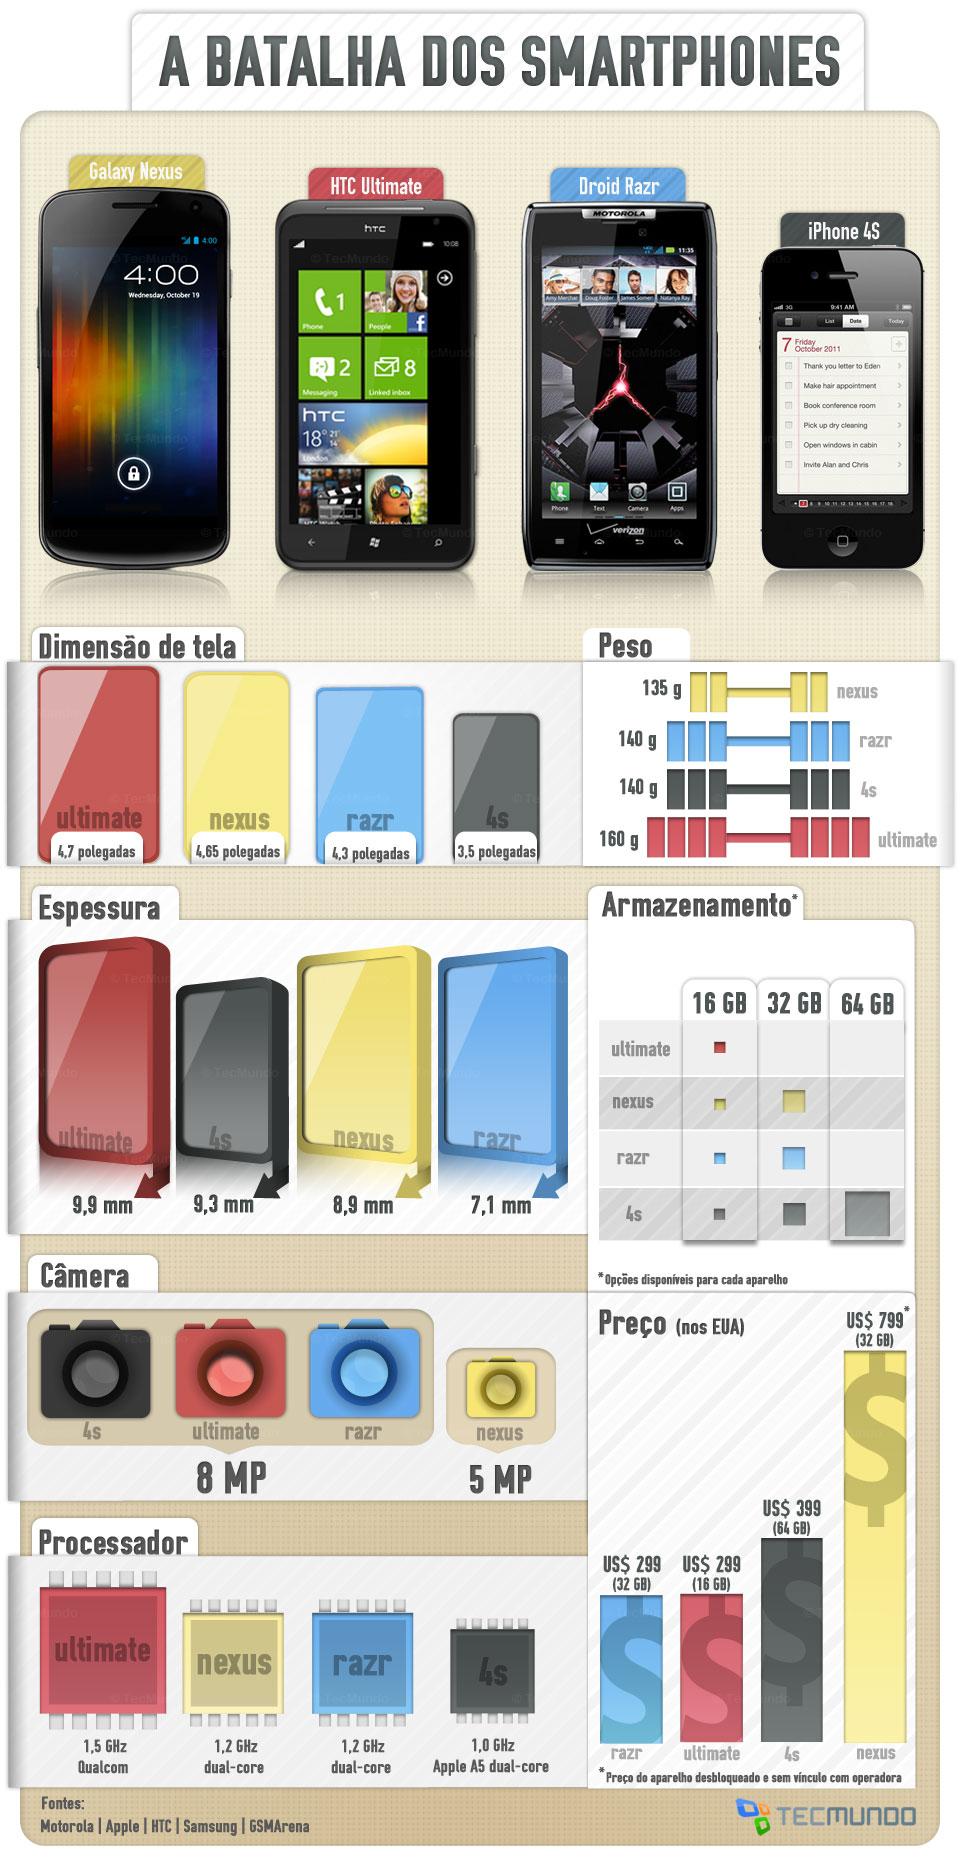 A batalha dos smartphones: 4º trimestre de 2011 [infográfico]